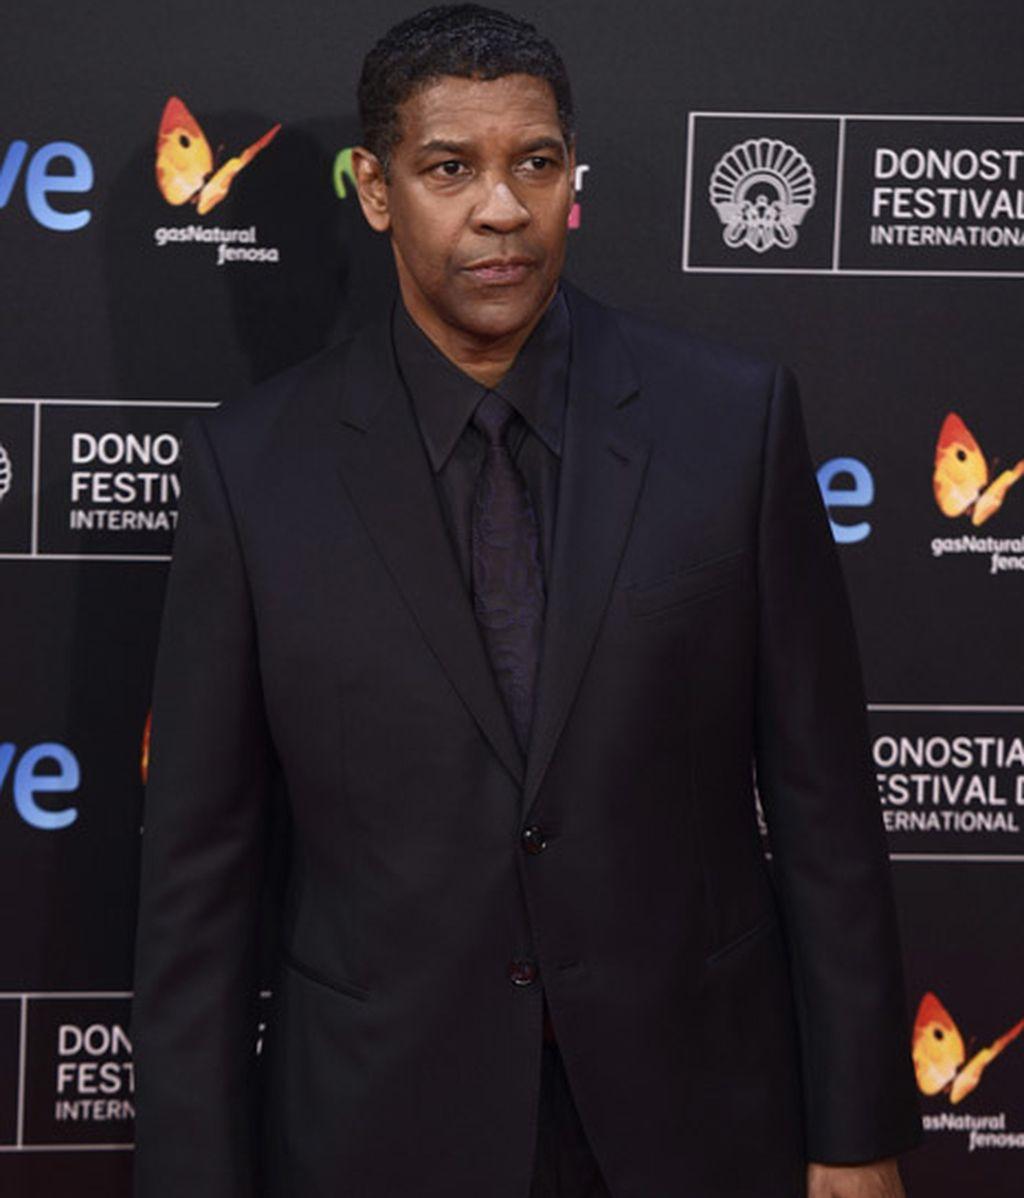 Denzel Washington acudió a recoger su premio Donostia